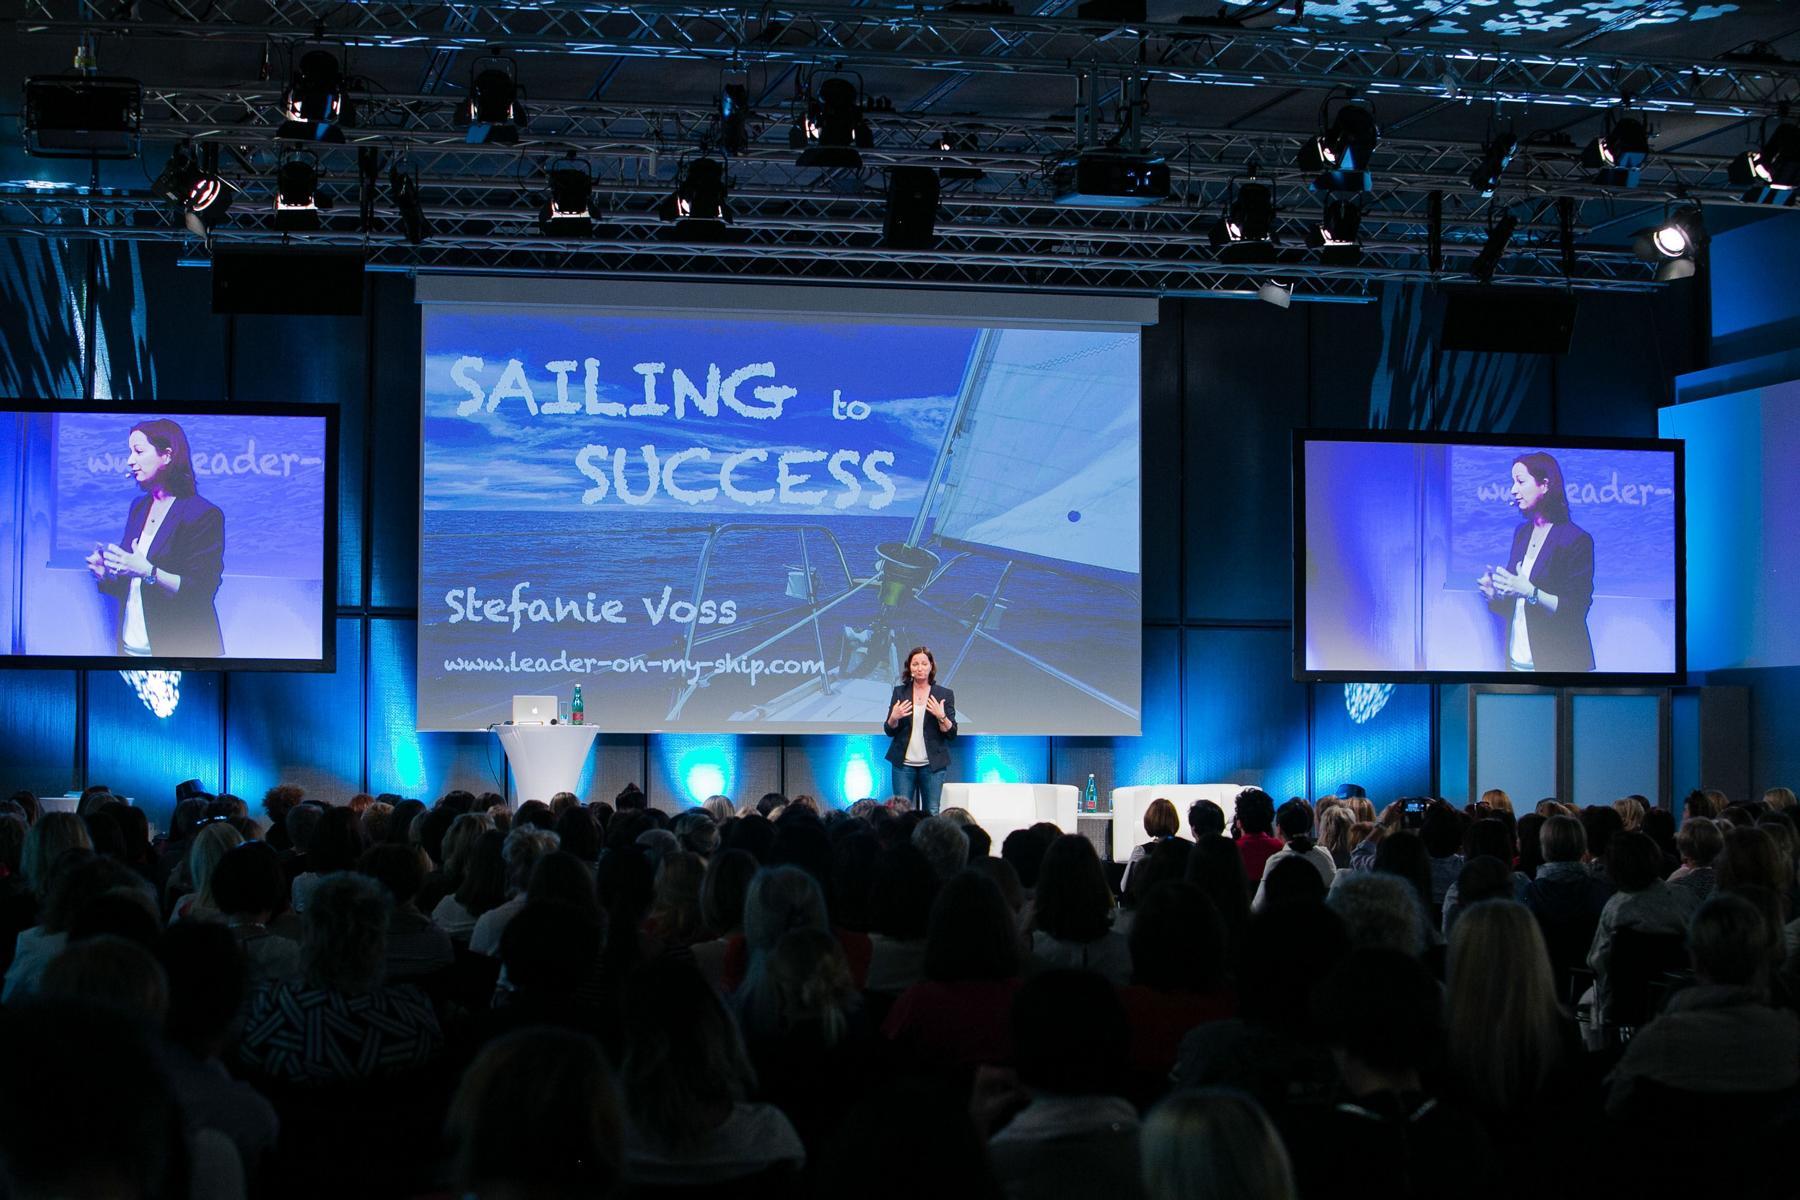 Vortragsrednerin und Weltumsegler in Stefanie Voss zeigt Rednerinnen wie diese auf große Bühnen komm